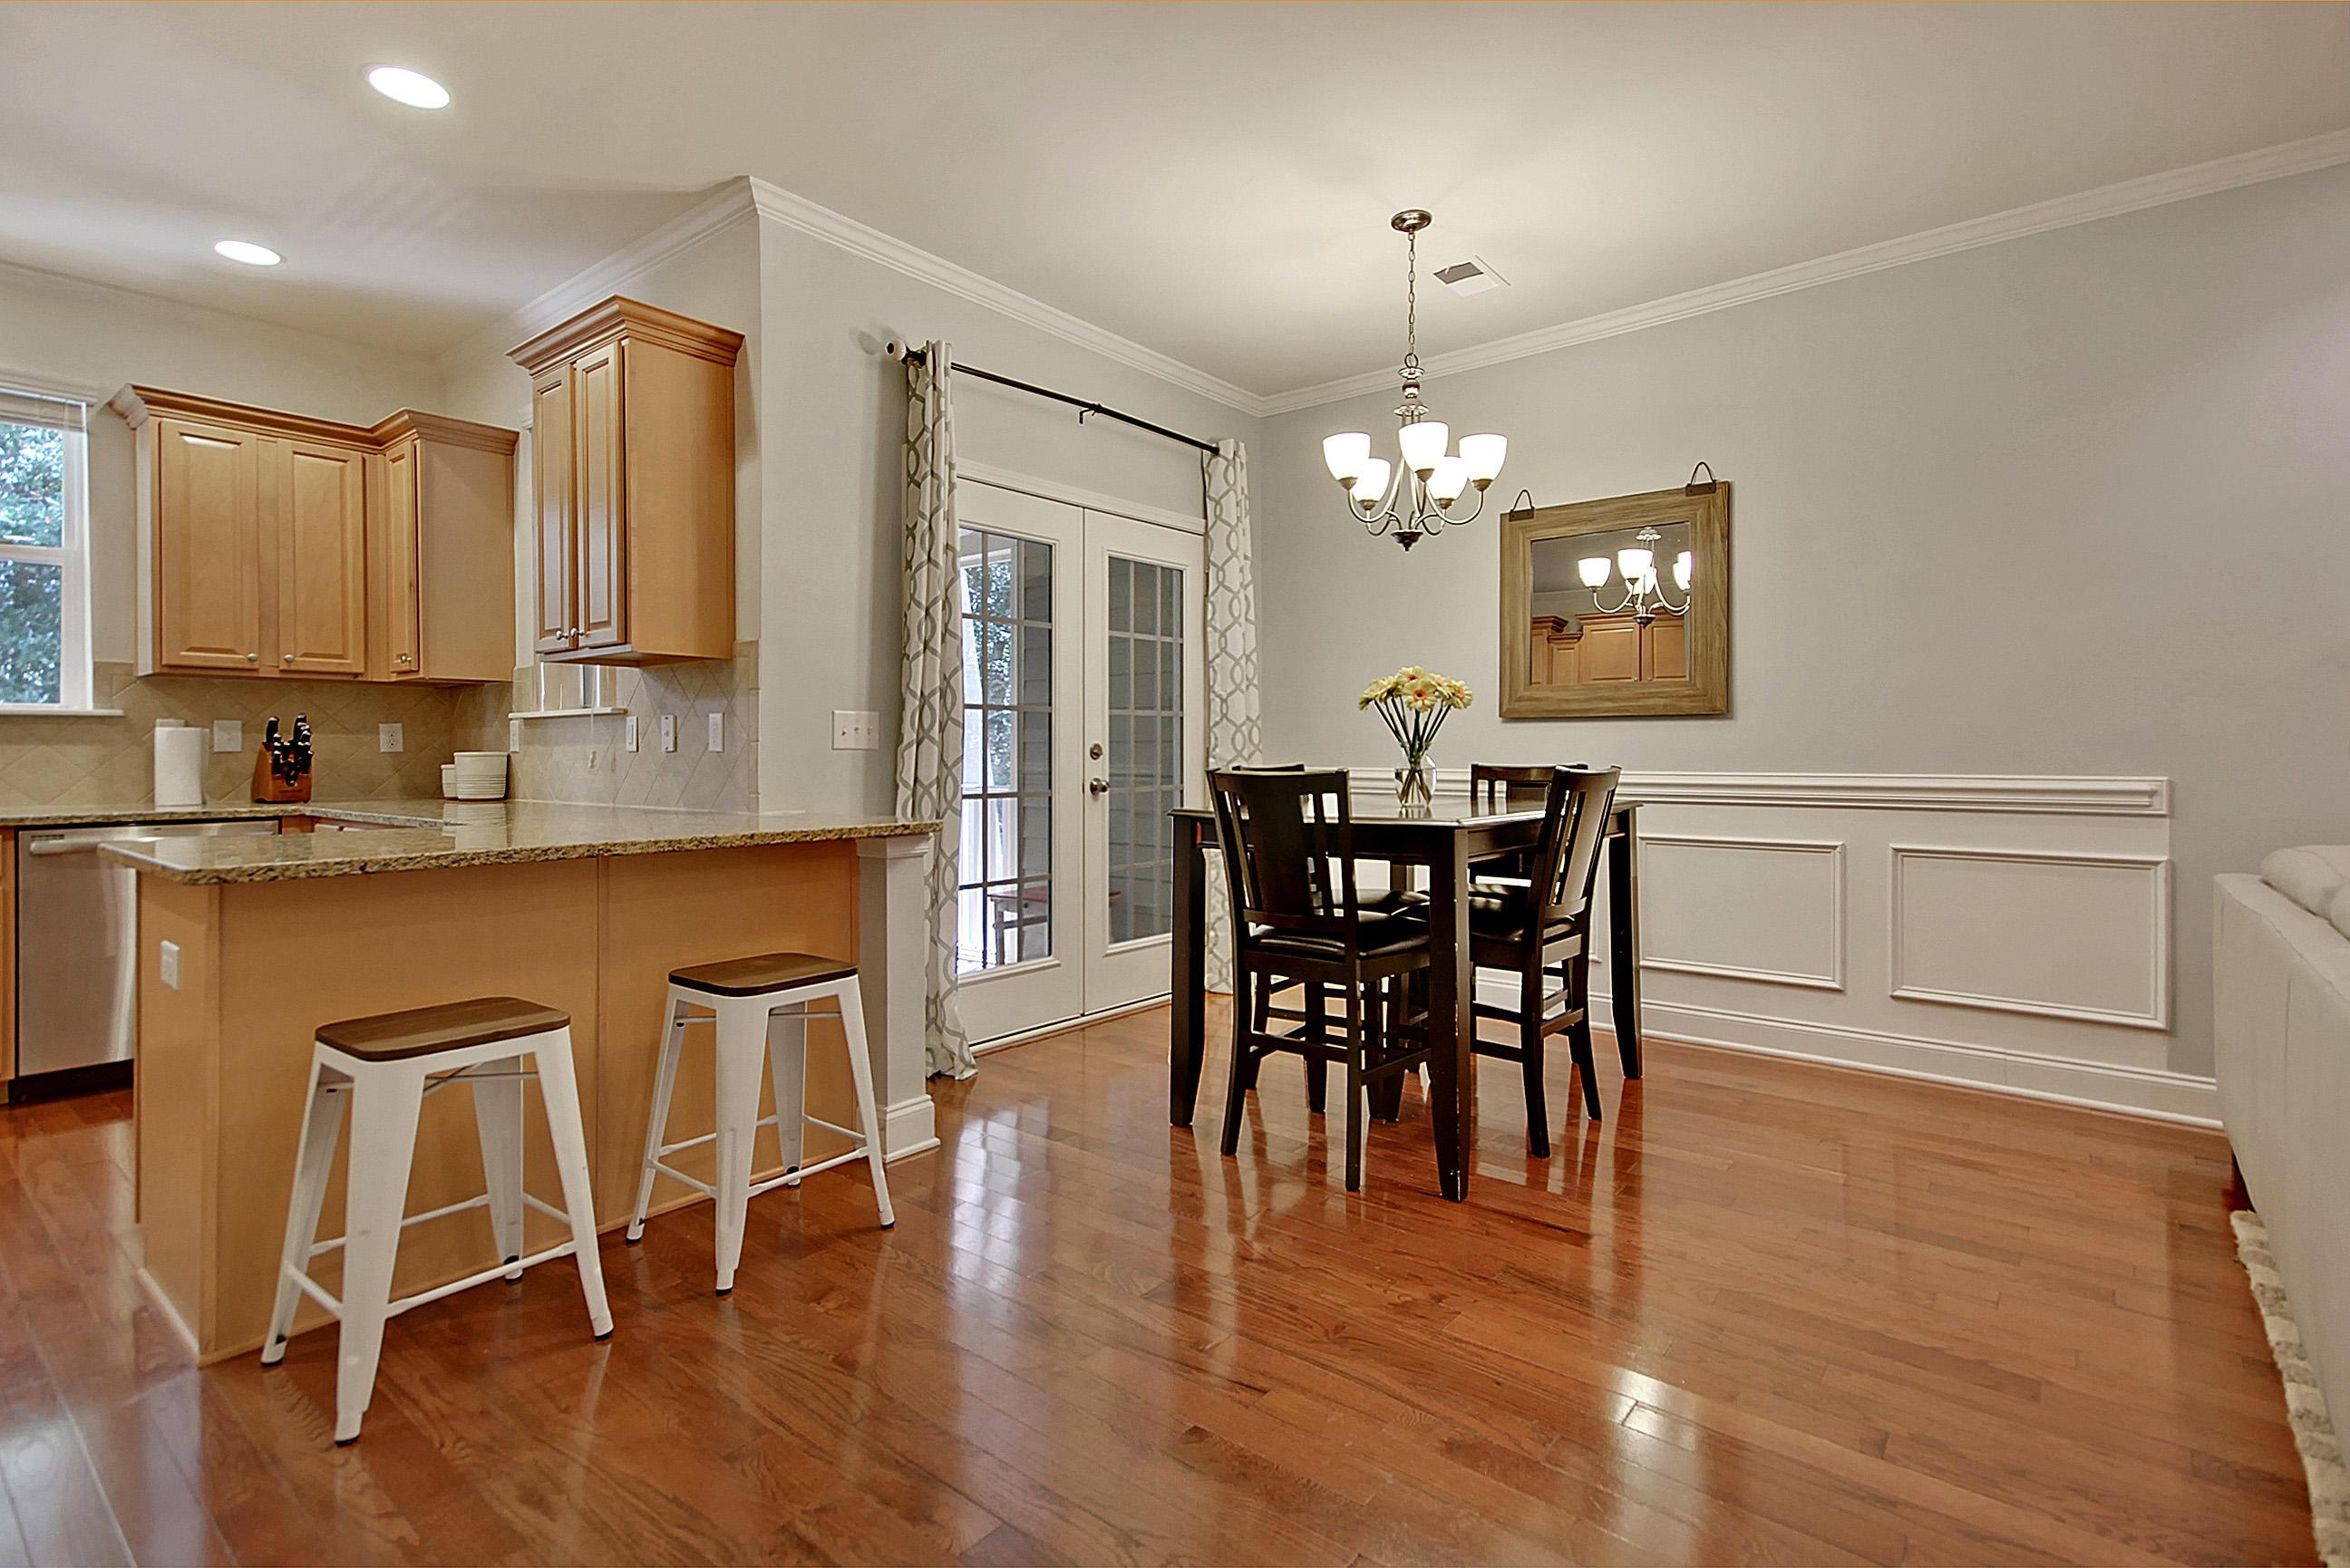 Royal Palms Homes For Sale - 1273 Dingle, Mount Pleasant, SC - 32